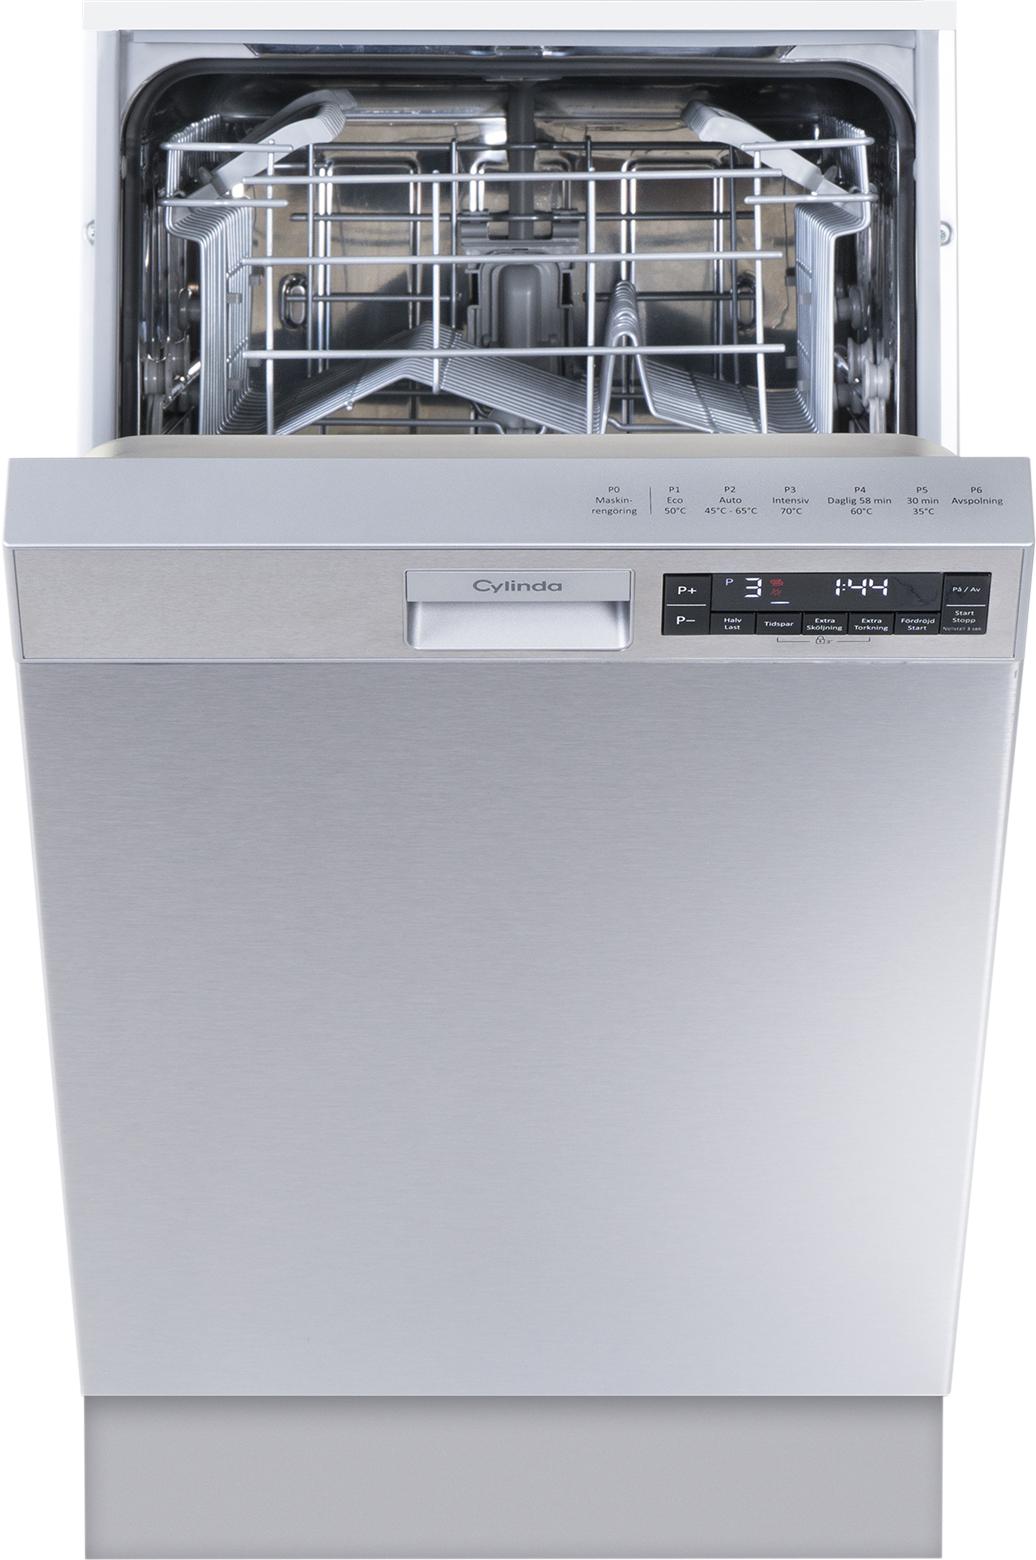 DM 3105 RF